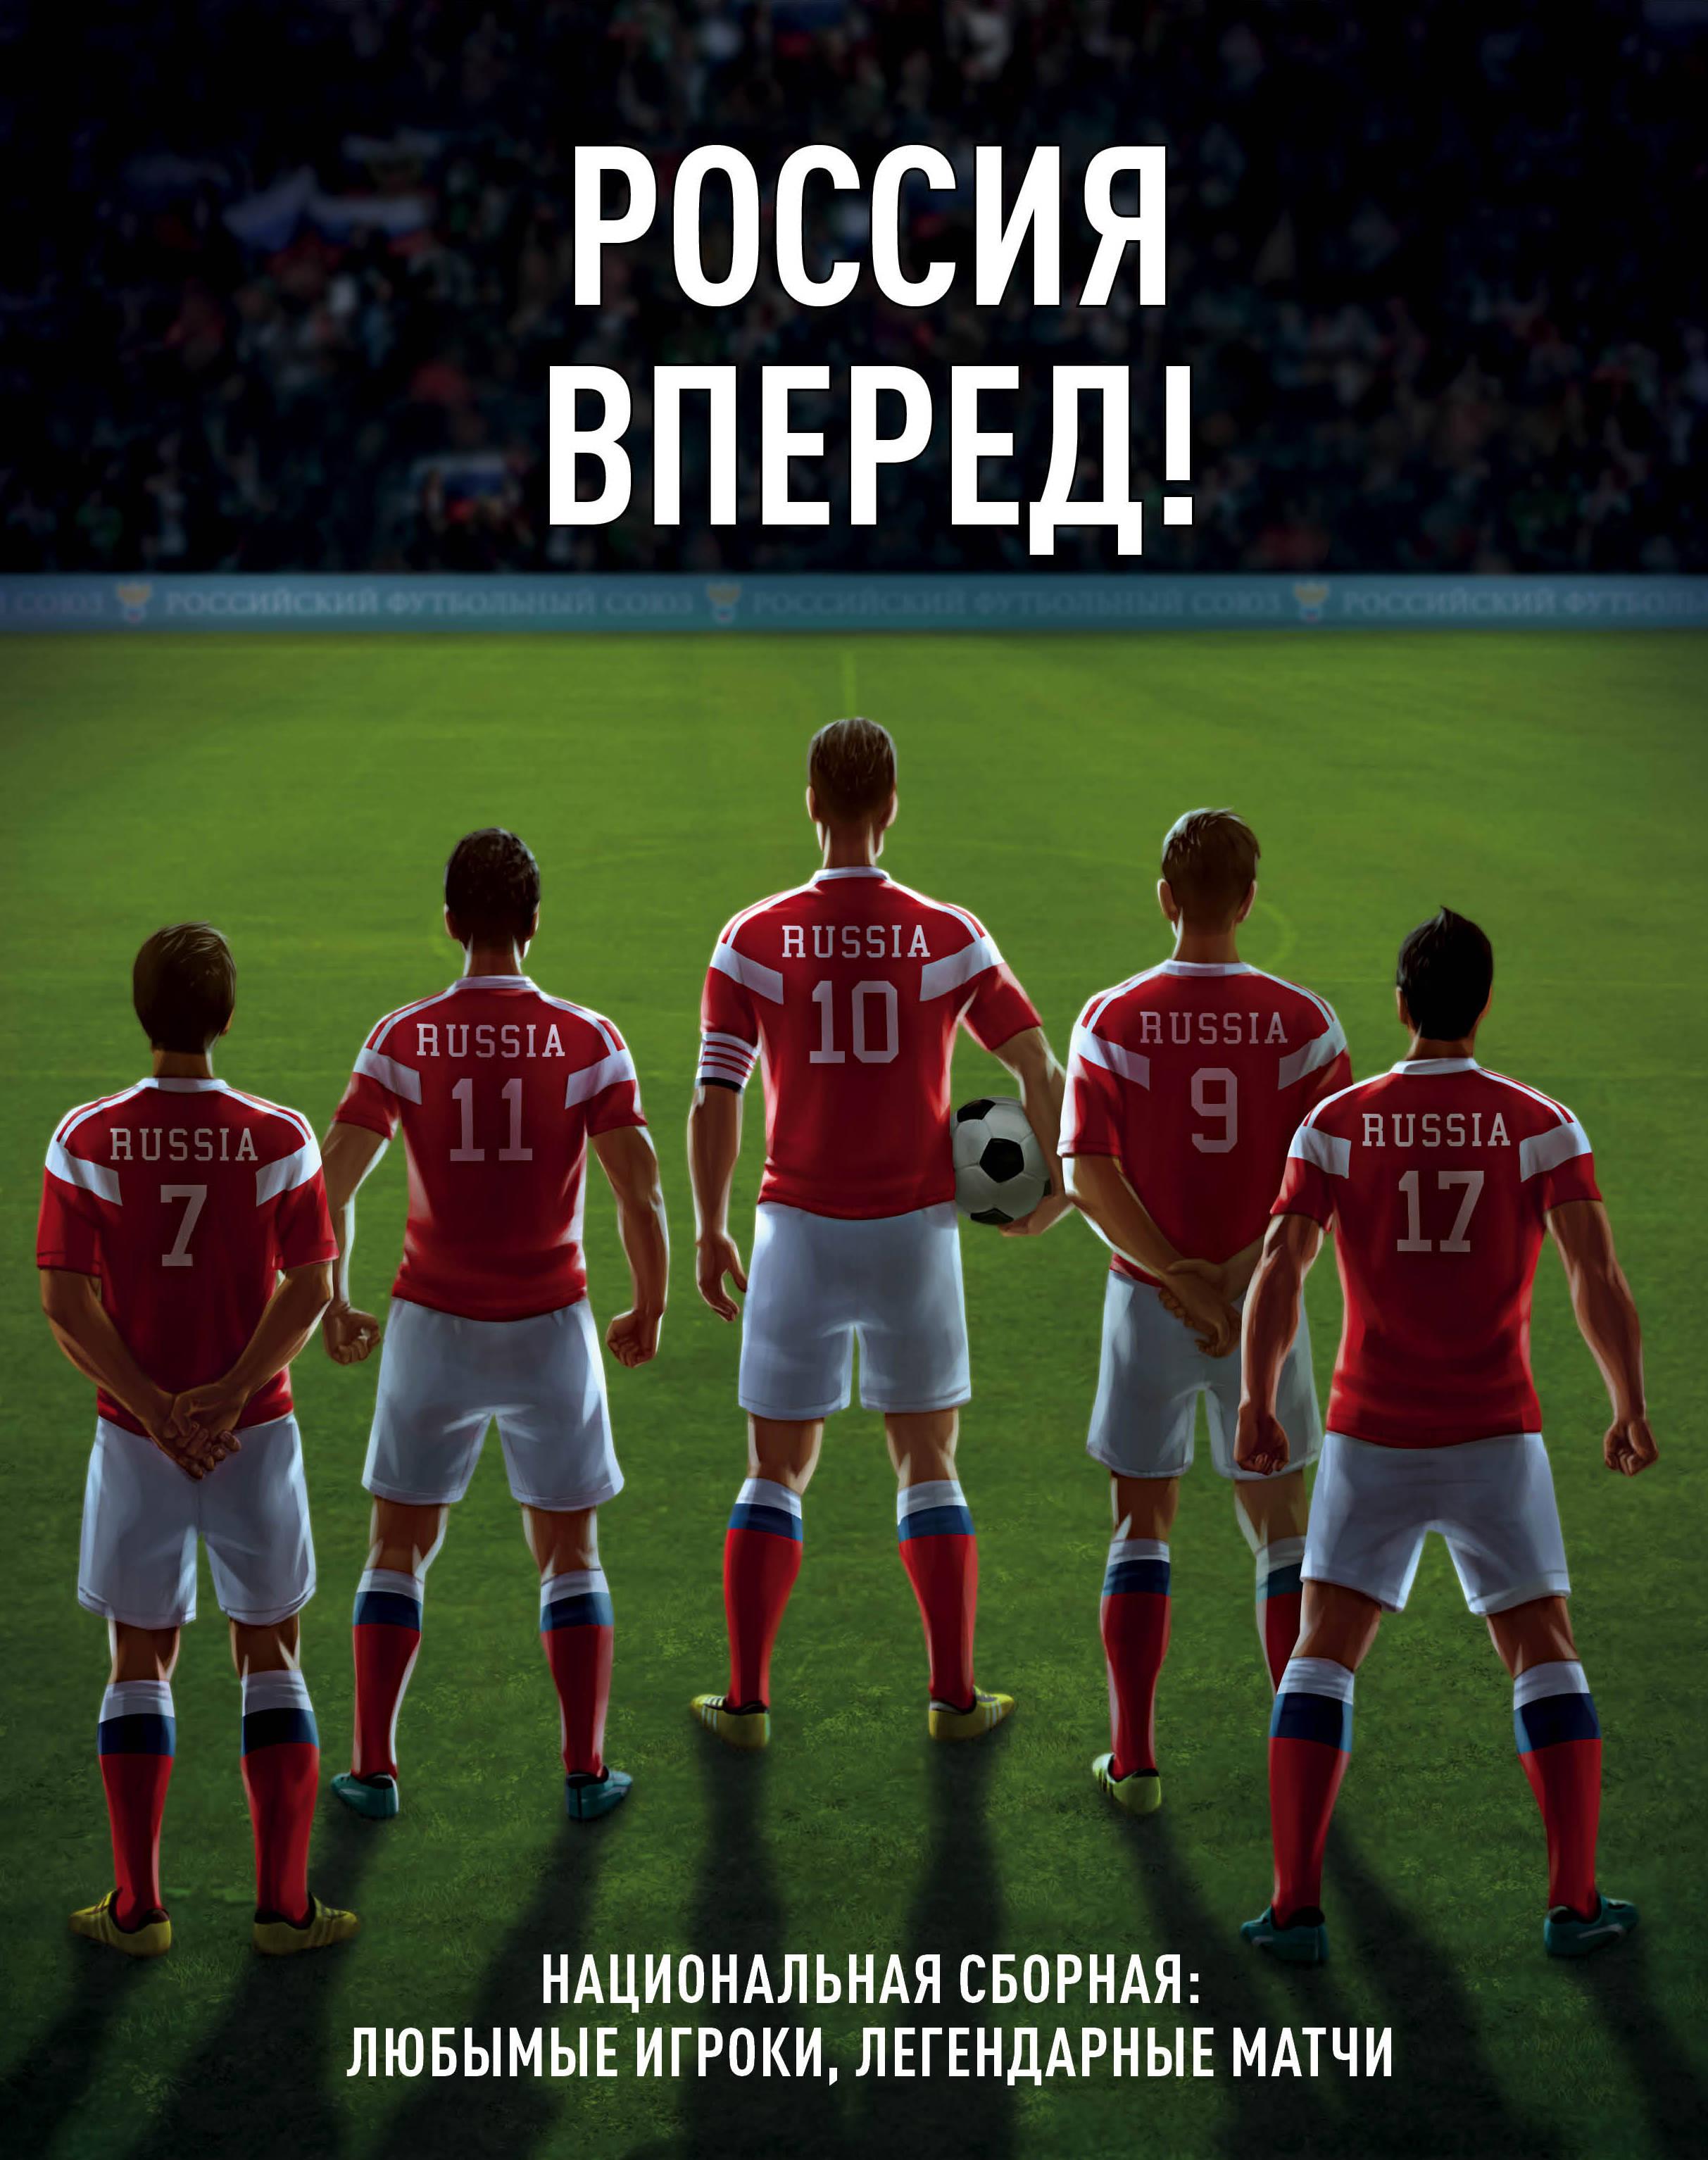 Россия, вперед! Национальная сборная. Любимые игроки, легендарные матчи